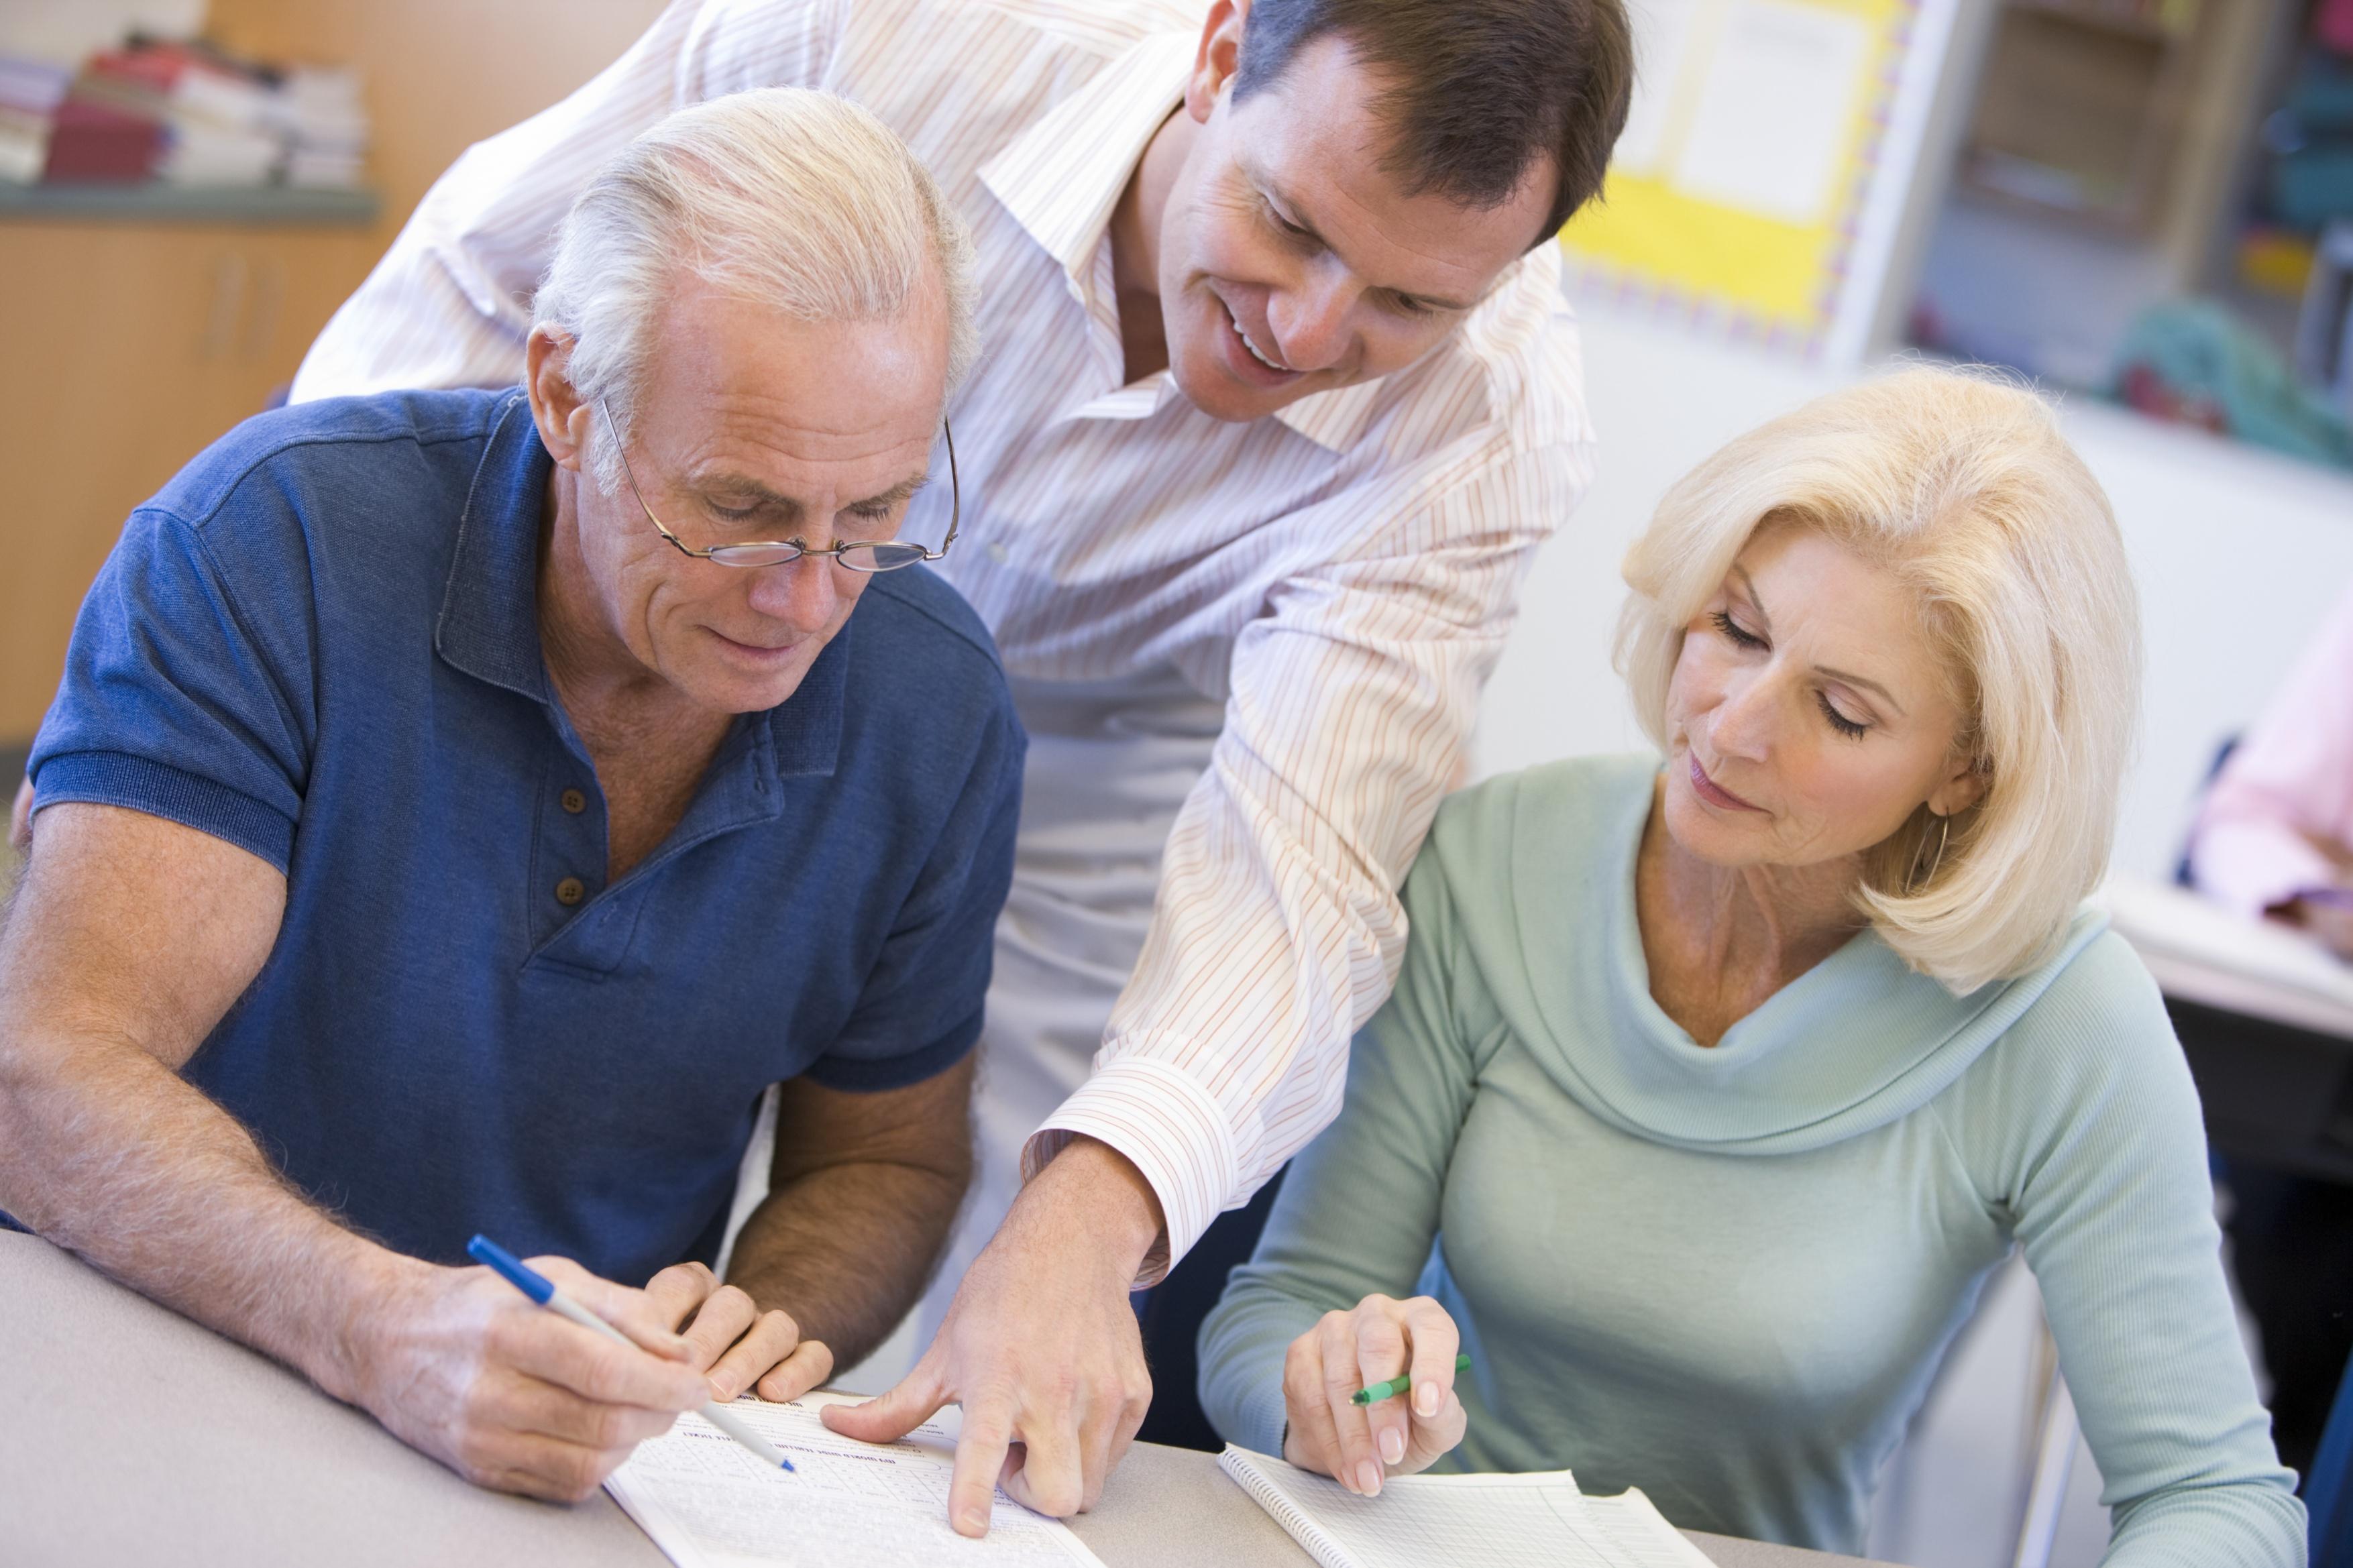 Lors de l'admission en maison de retraite, la personne âgée doit-elle donner son consentement